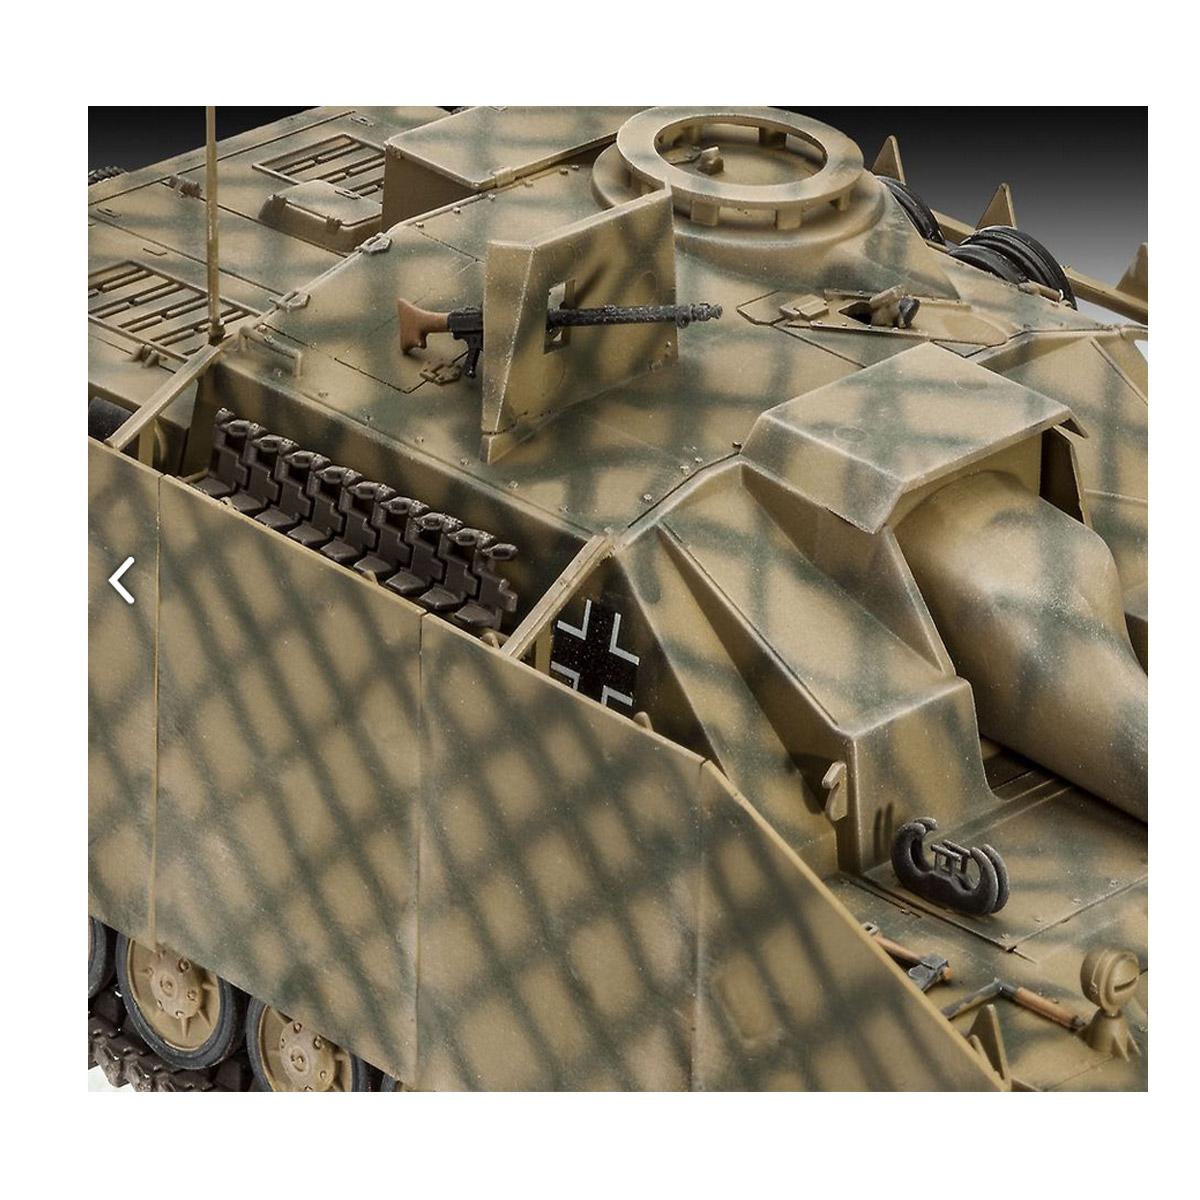 """KFZ échelle 1:35 REVELL SD 19.1 Cm 167 /""""STUG IV Model Kit"""